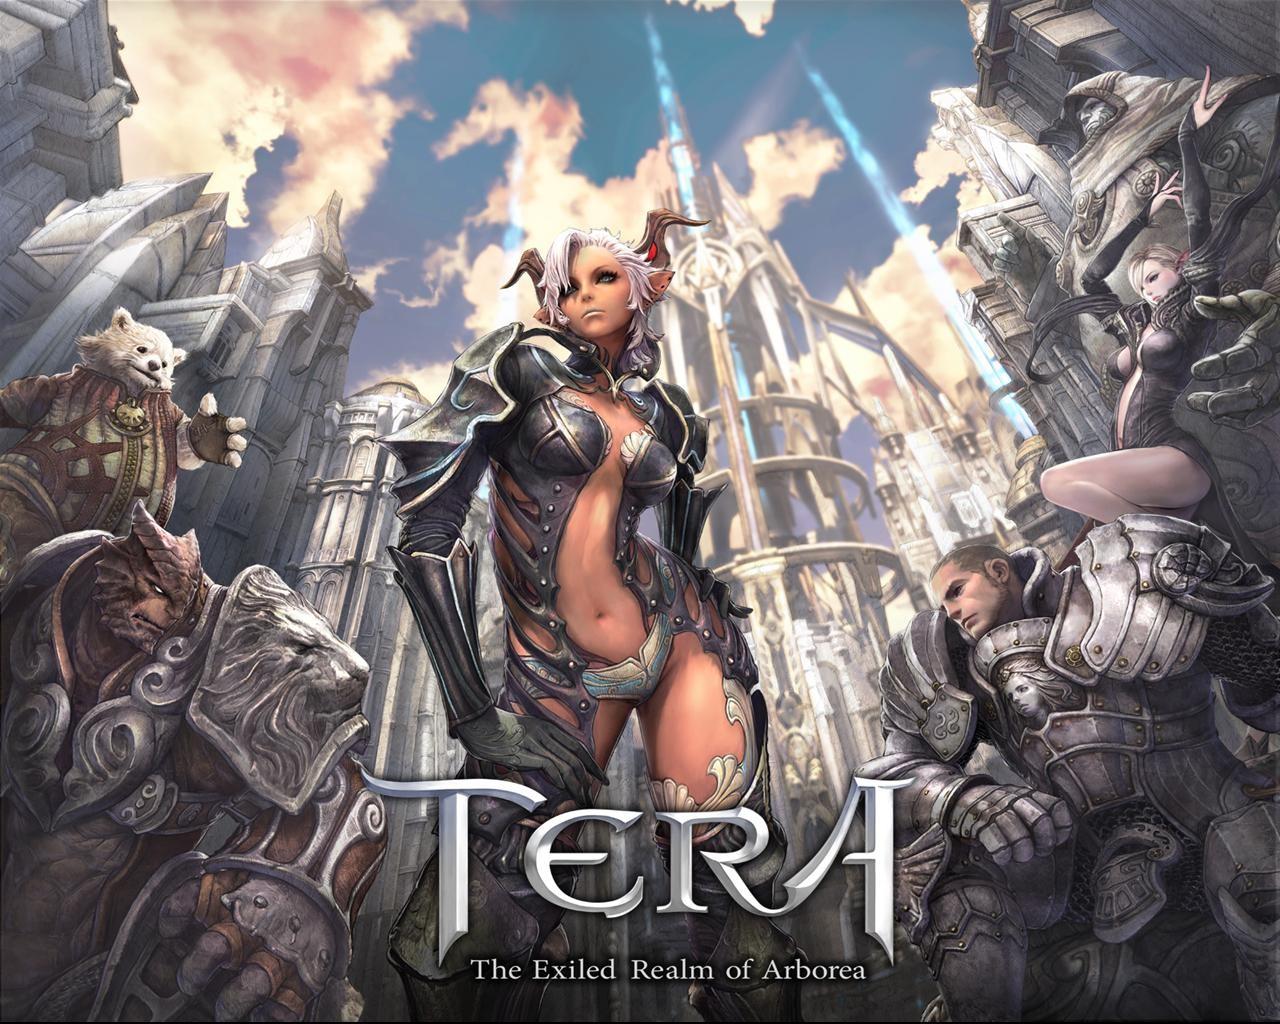 Игра Tera будет доступна собственникам консолей